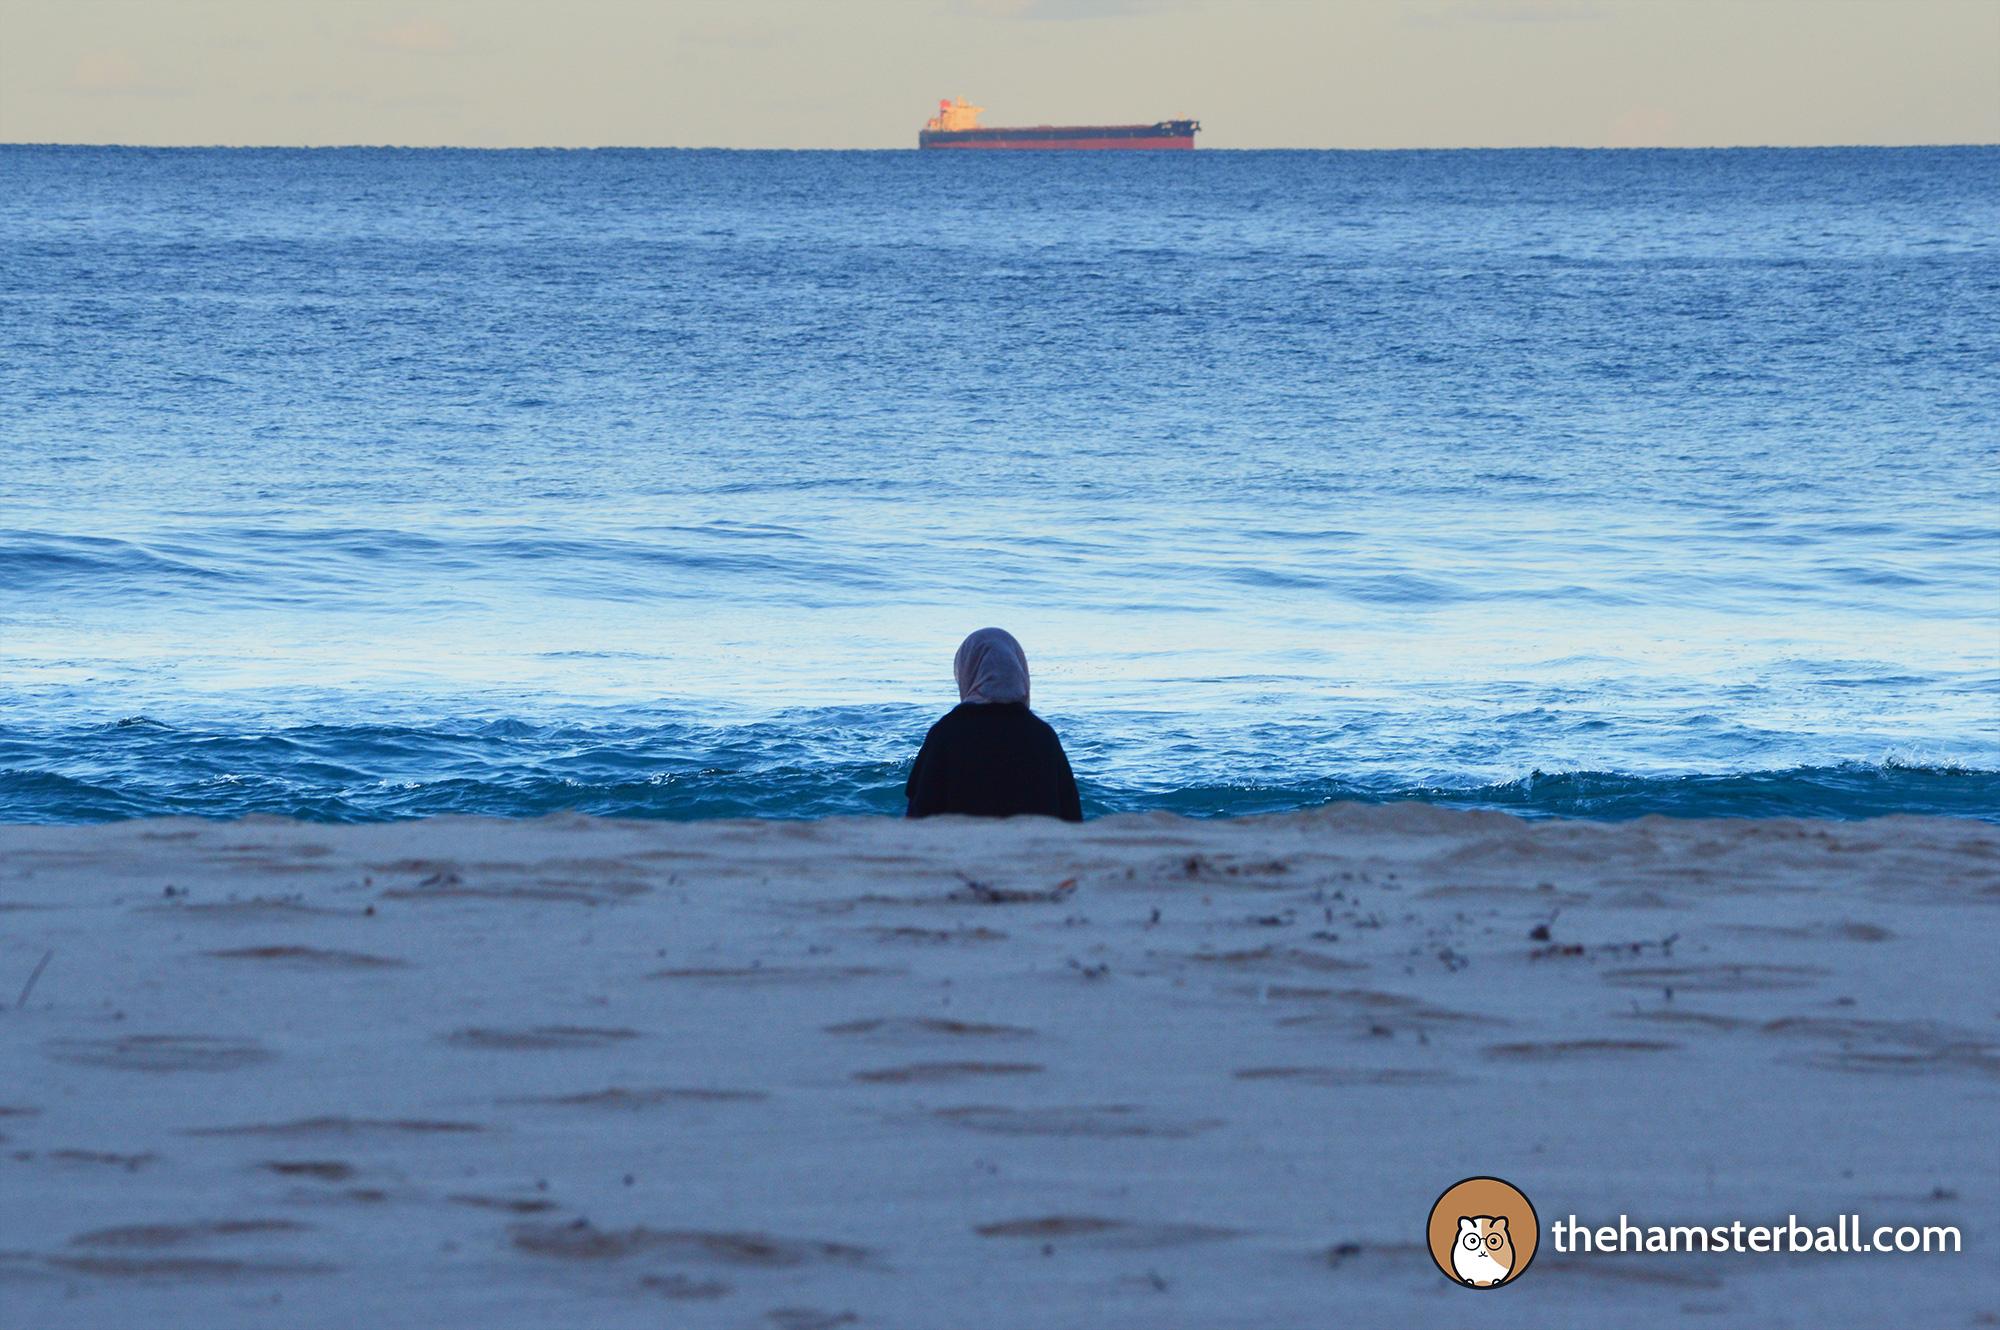 Austinmer Beach, Wollongong, Australia